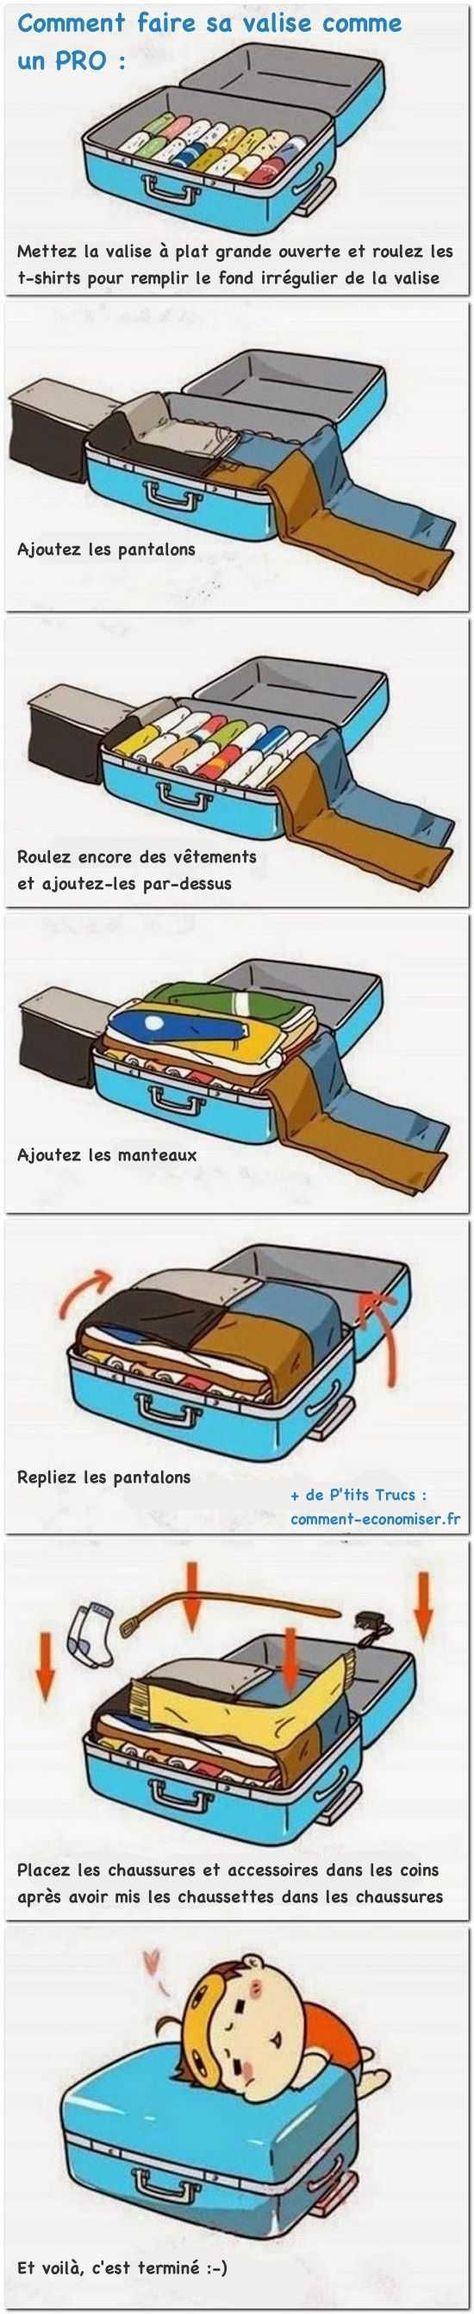 Vous avez besoin de faire votre valise pour votre prochain voyage ? Pas de panique ! Voici notre guide pour faire sa valise comme un pro ! Découvrez l'astuce ici : http://www.comment-economiser.fr/comment-faire-sa-valise-comme-un-pro..html?utm_content=buffer63199&utm_medium=social&utm_source=pinterest.com&utm_campaign=buffer: